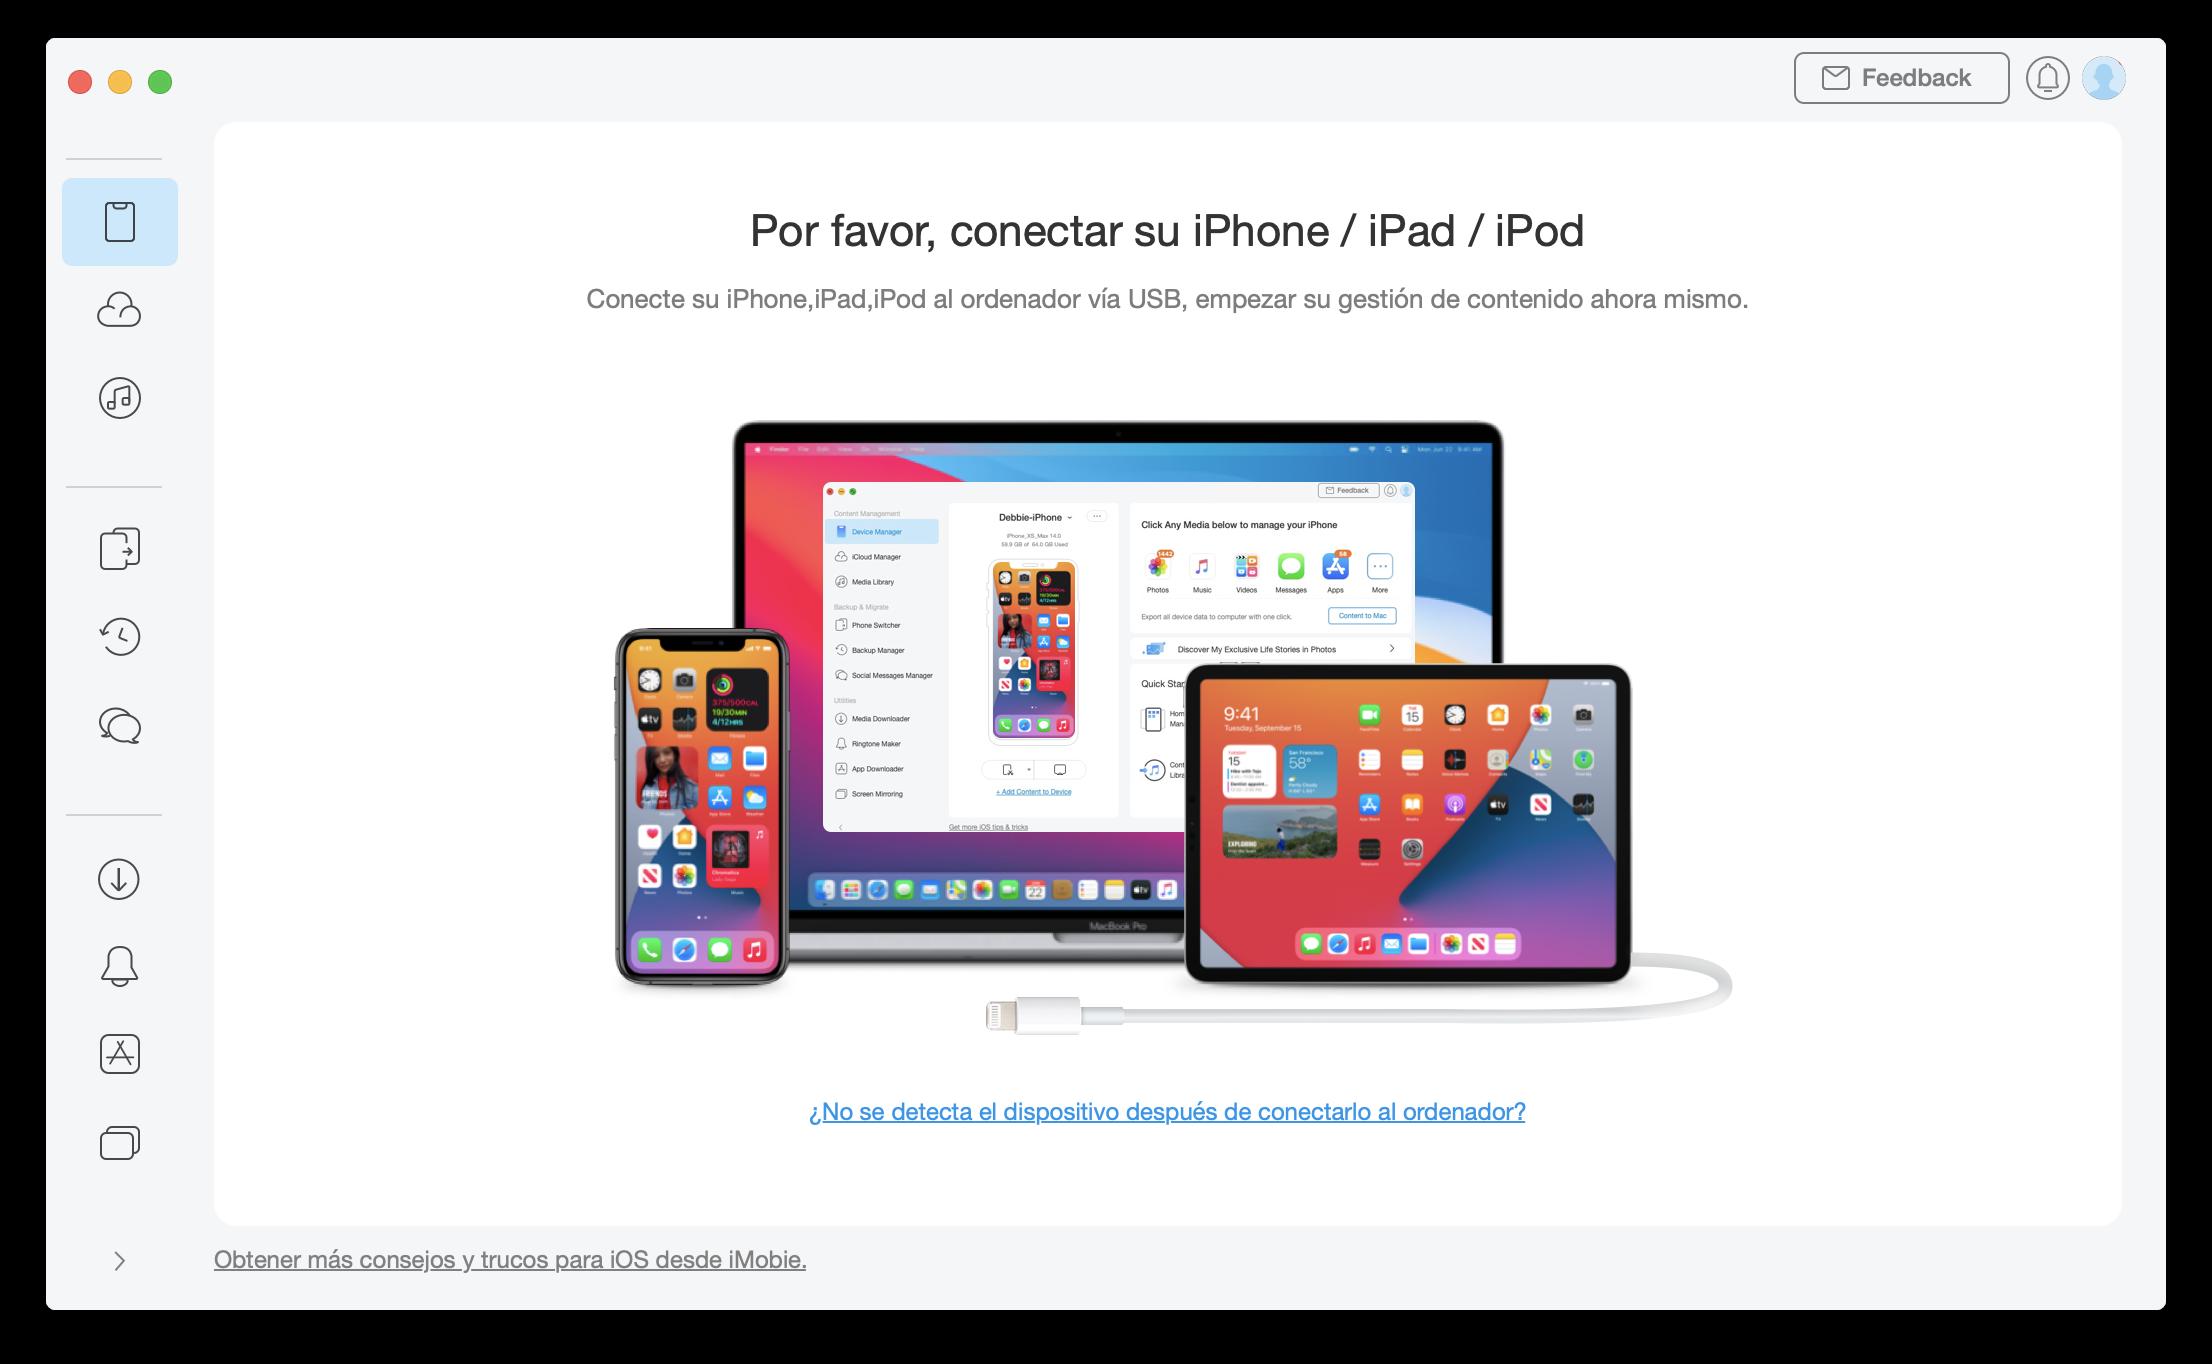 Conecte su iPhone / iPad / iPod